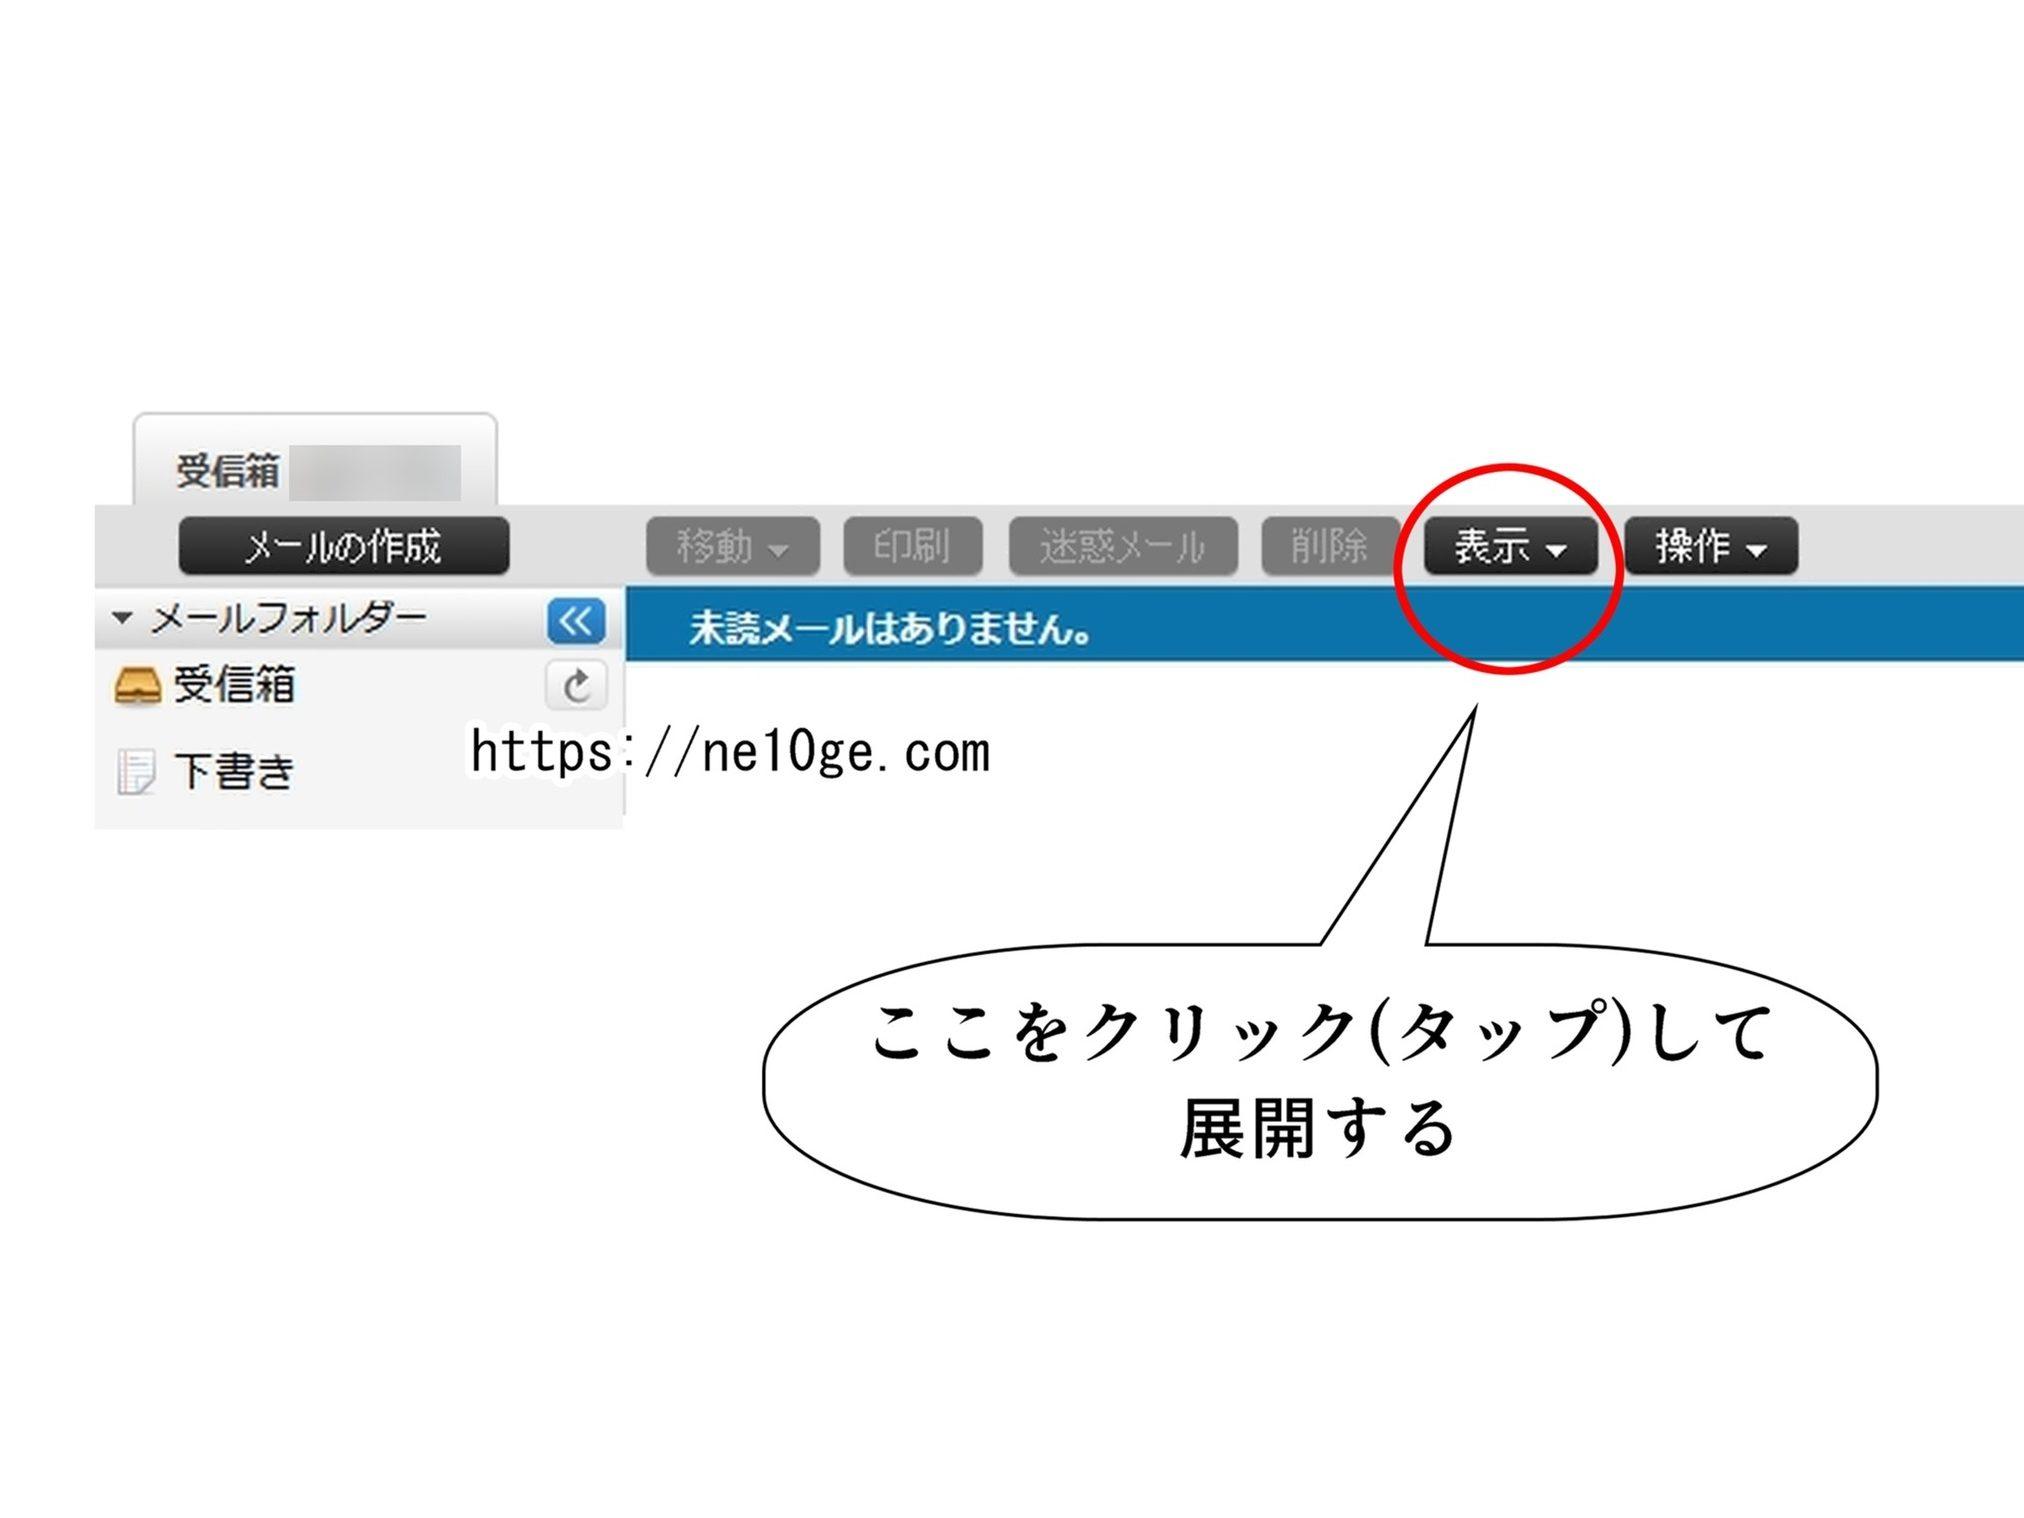 Yahoo!メールの受信箱、メール一覧で文字が小さく表示されるようになってしまった時に大きく表示する対処方法、解決方法